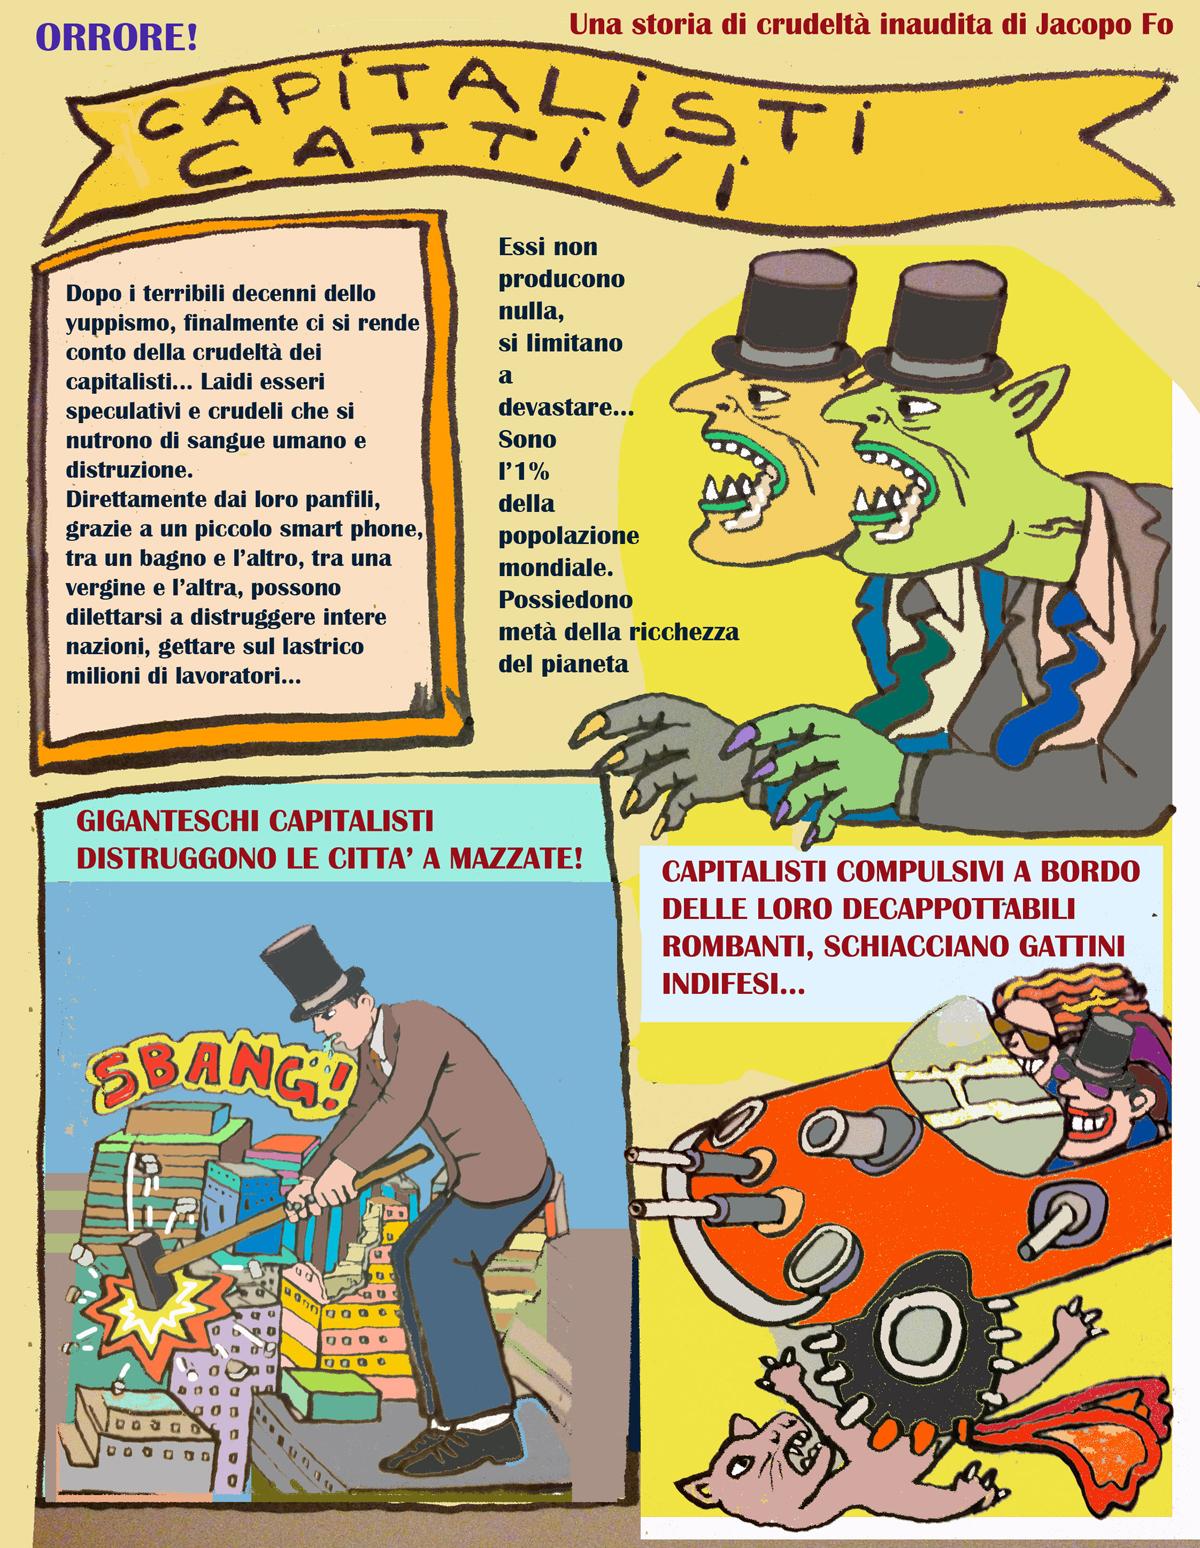 Fumetti Jacopo Fo Capitalisti cattivi 1